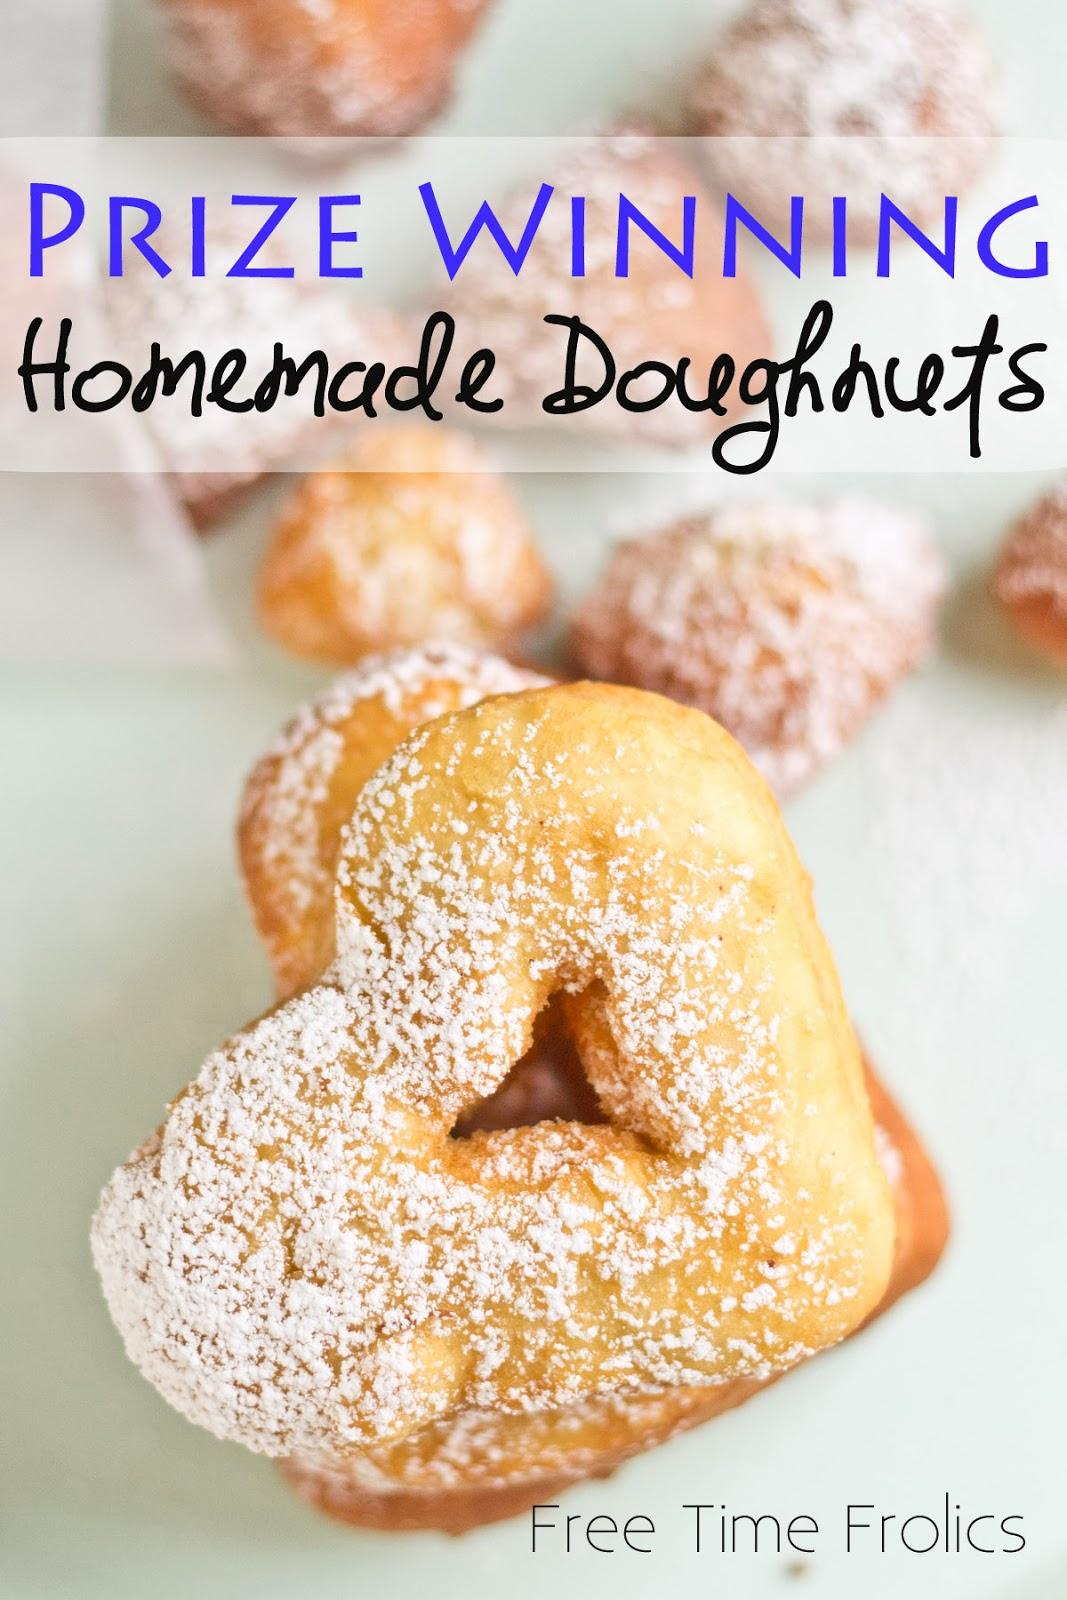 homemade doughnut www.freetimefrolics.com #recipe #donut